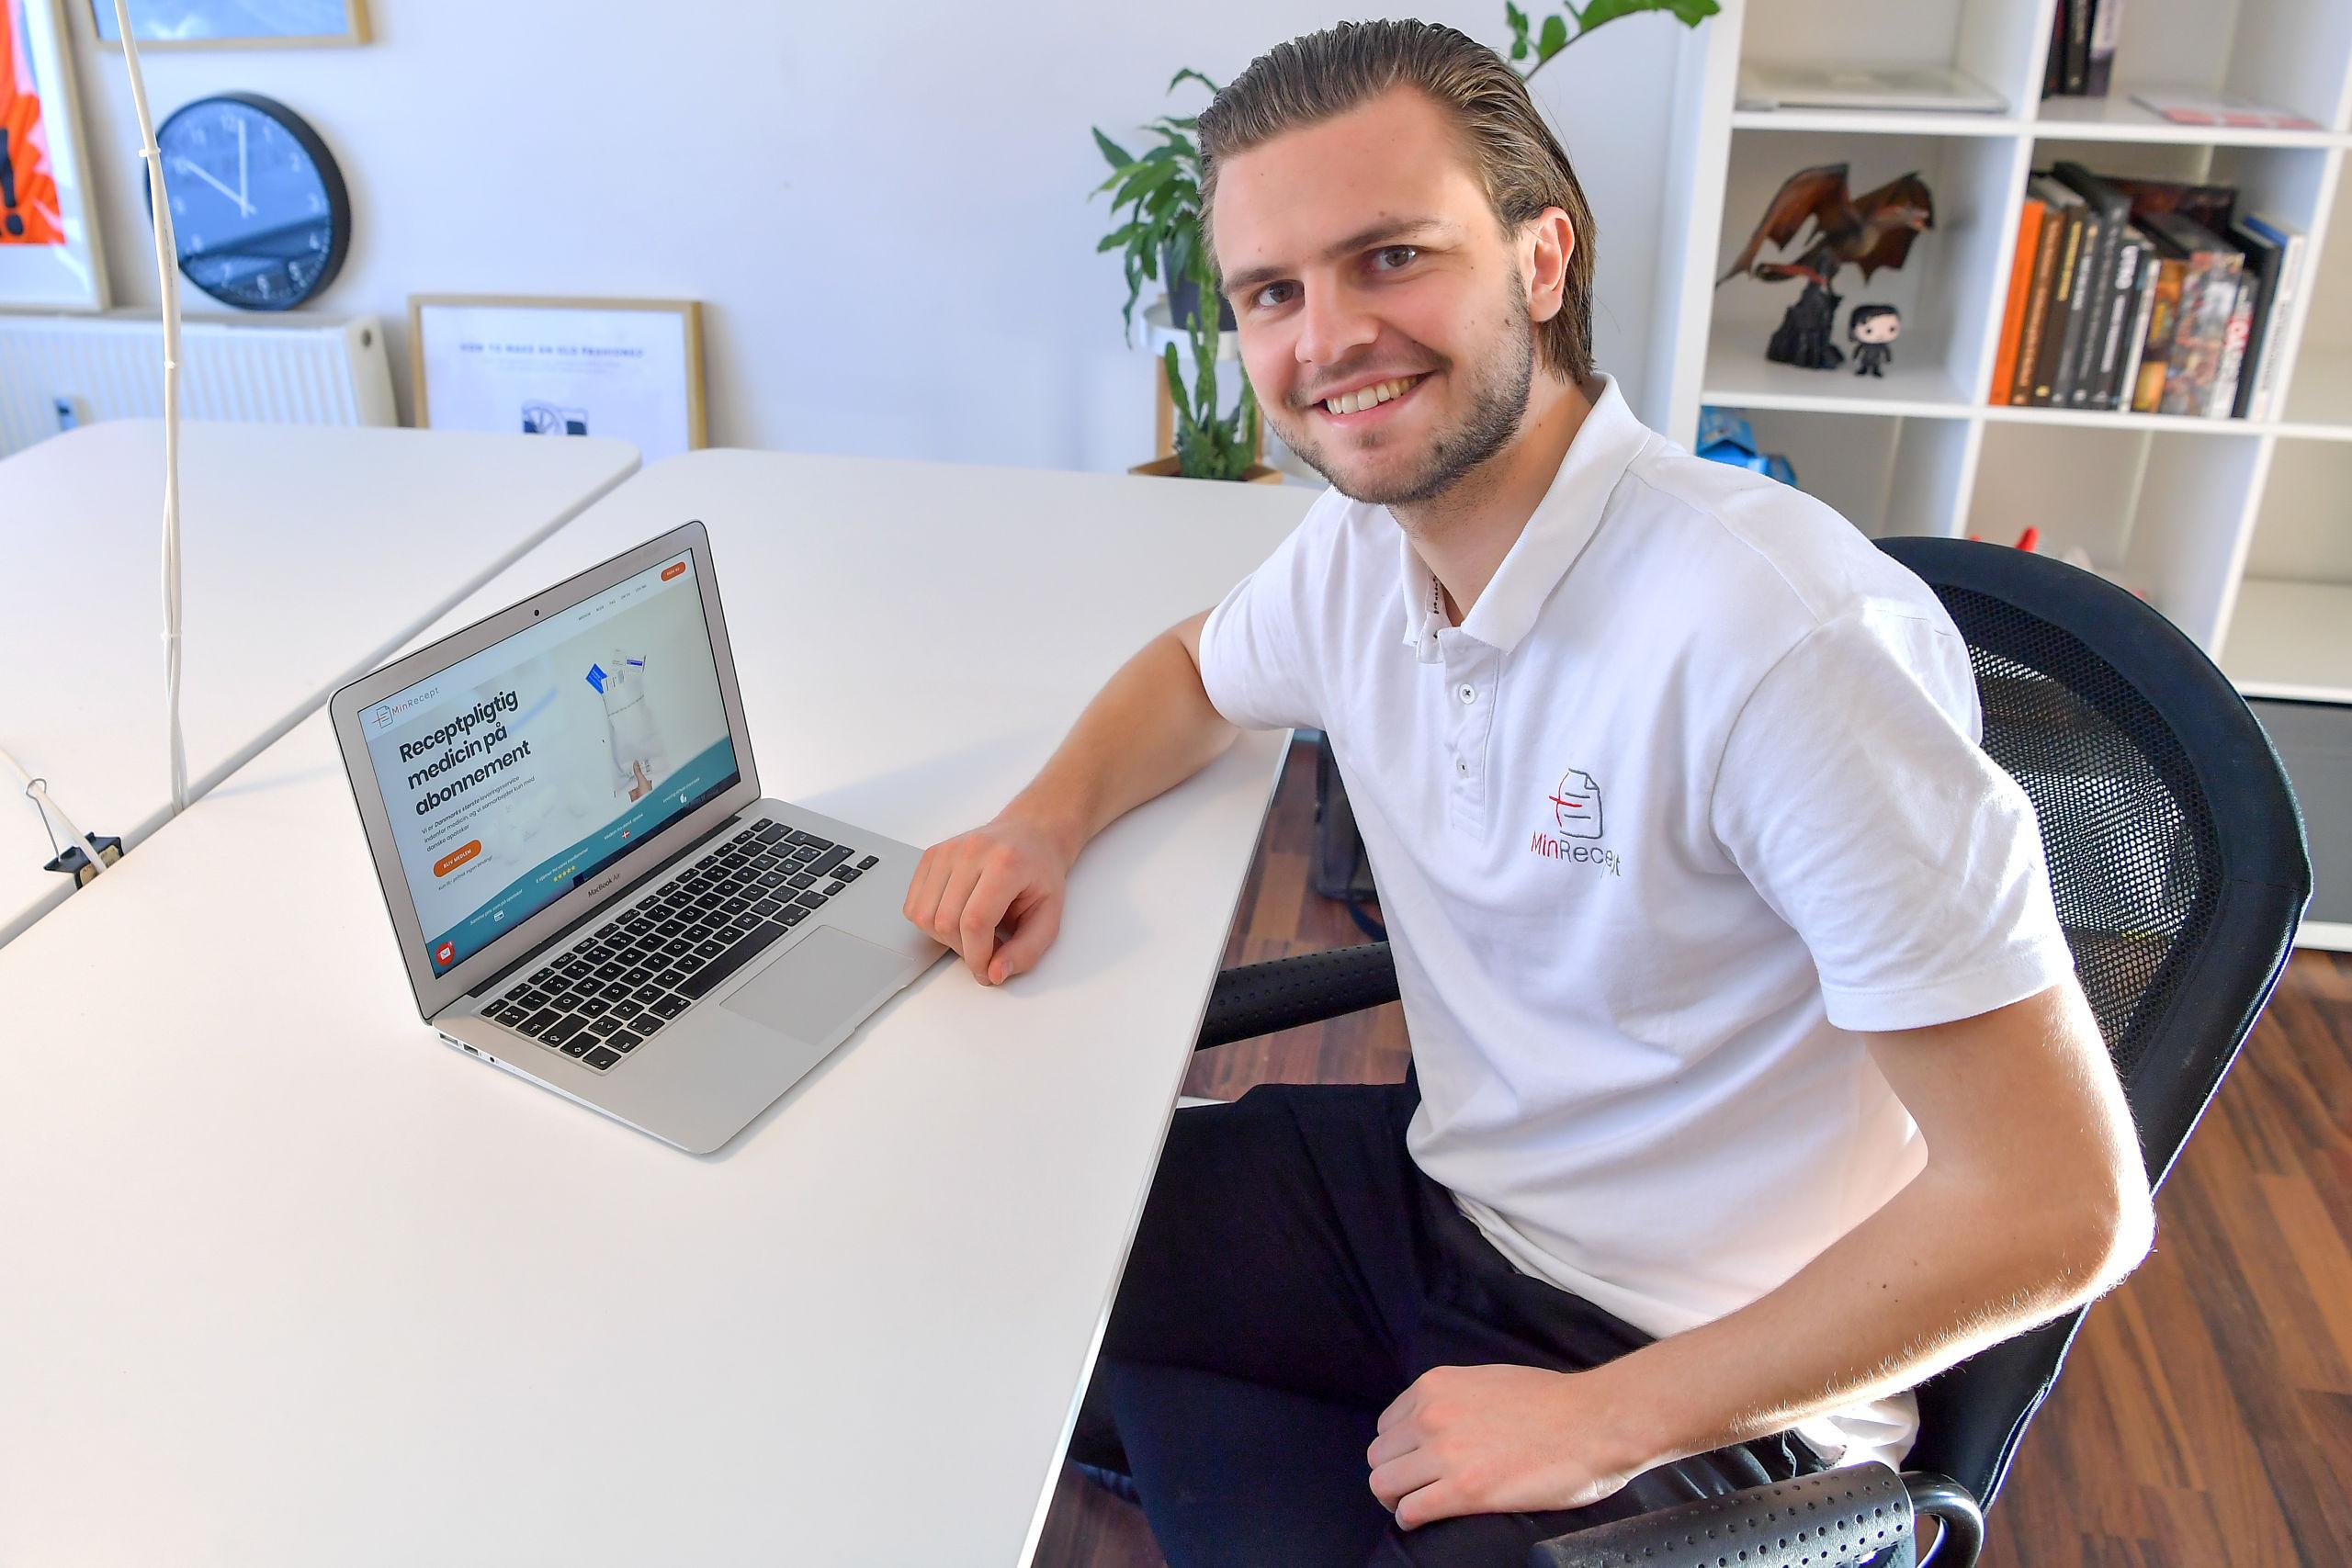 Joakim Skak fra Nørresundby har kastet sig ud i et iværksætter-eventyr med firmaet MinRecept. Foto: Jesper Thomasen